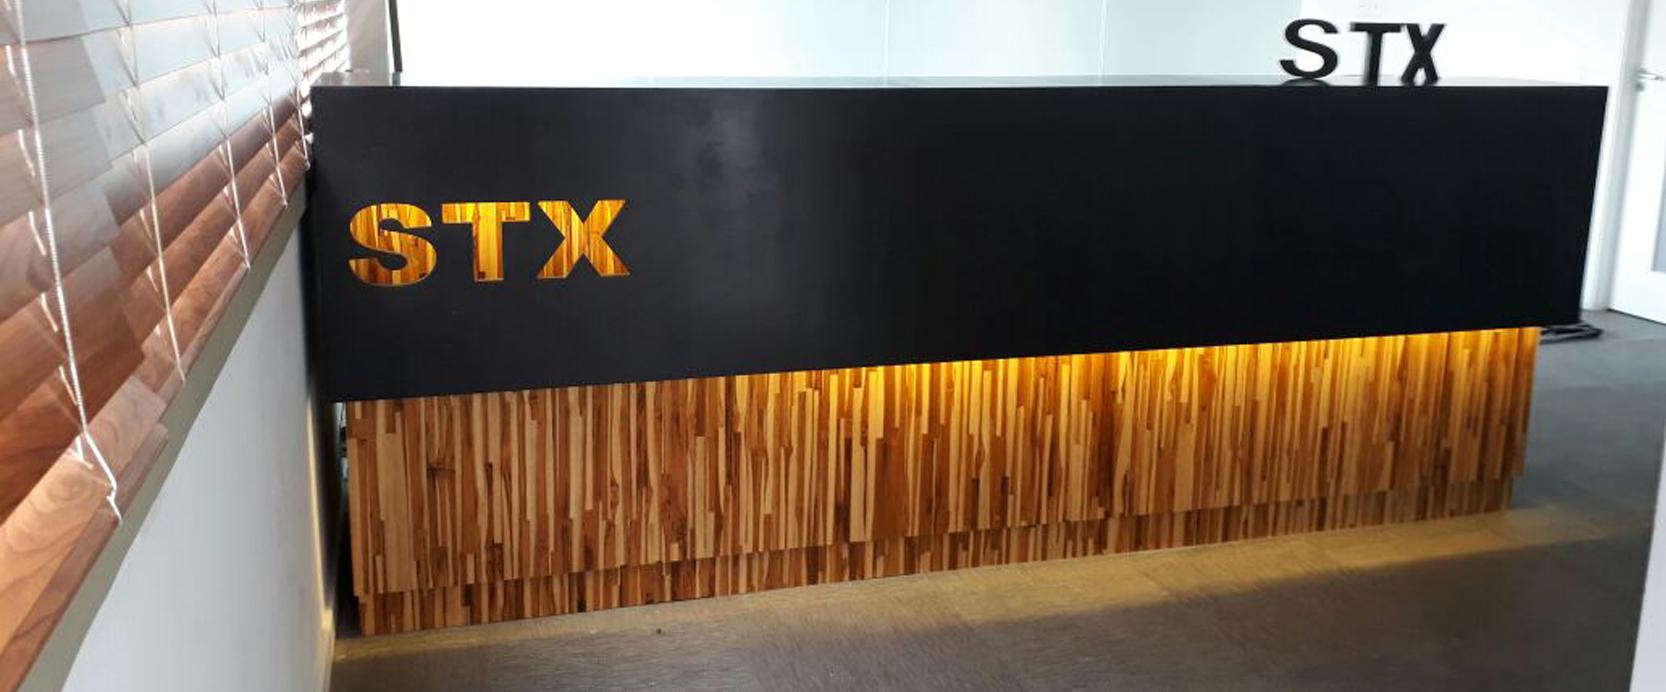 Faria Lima STX